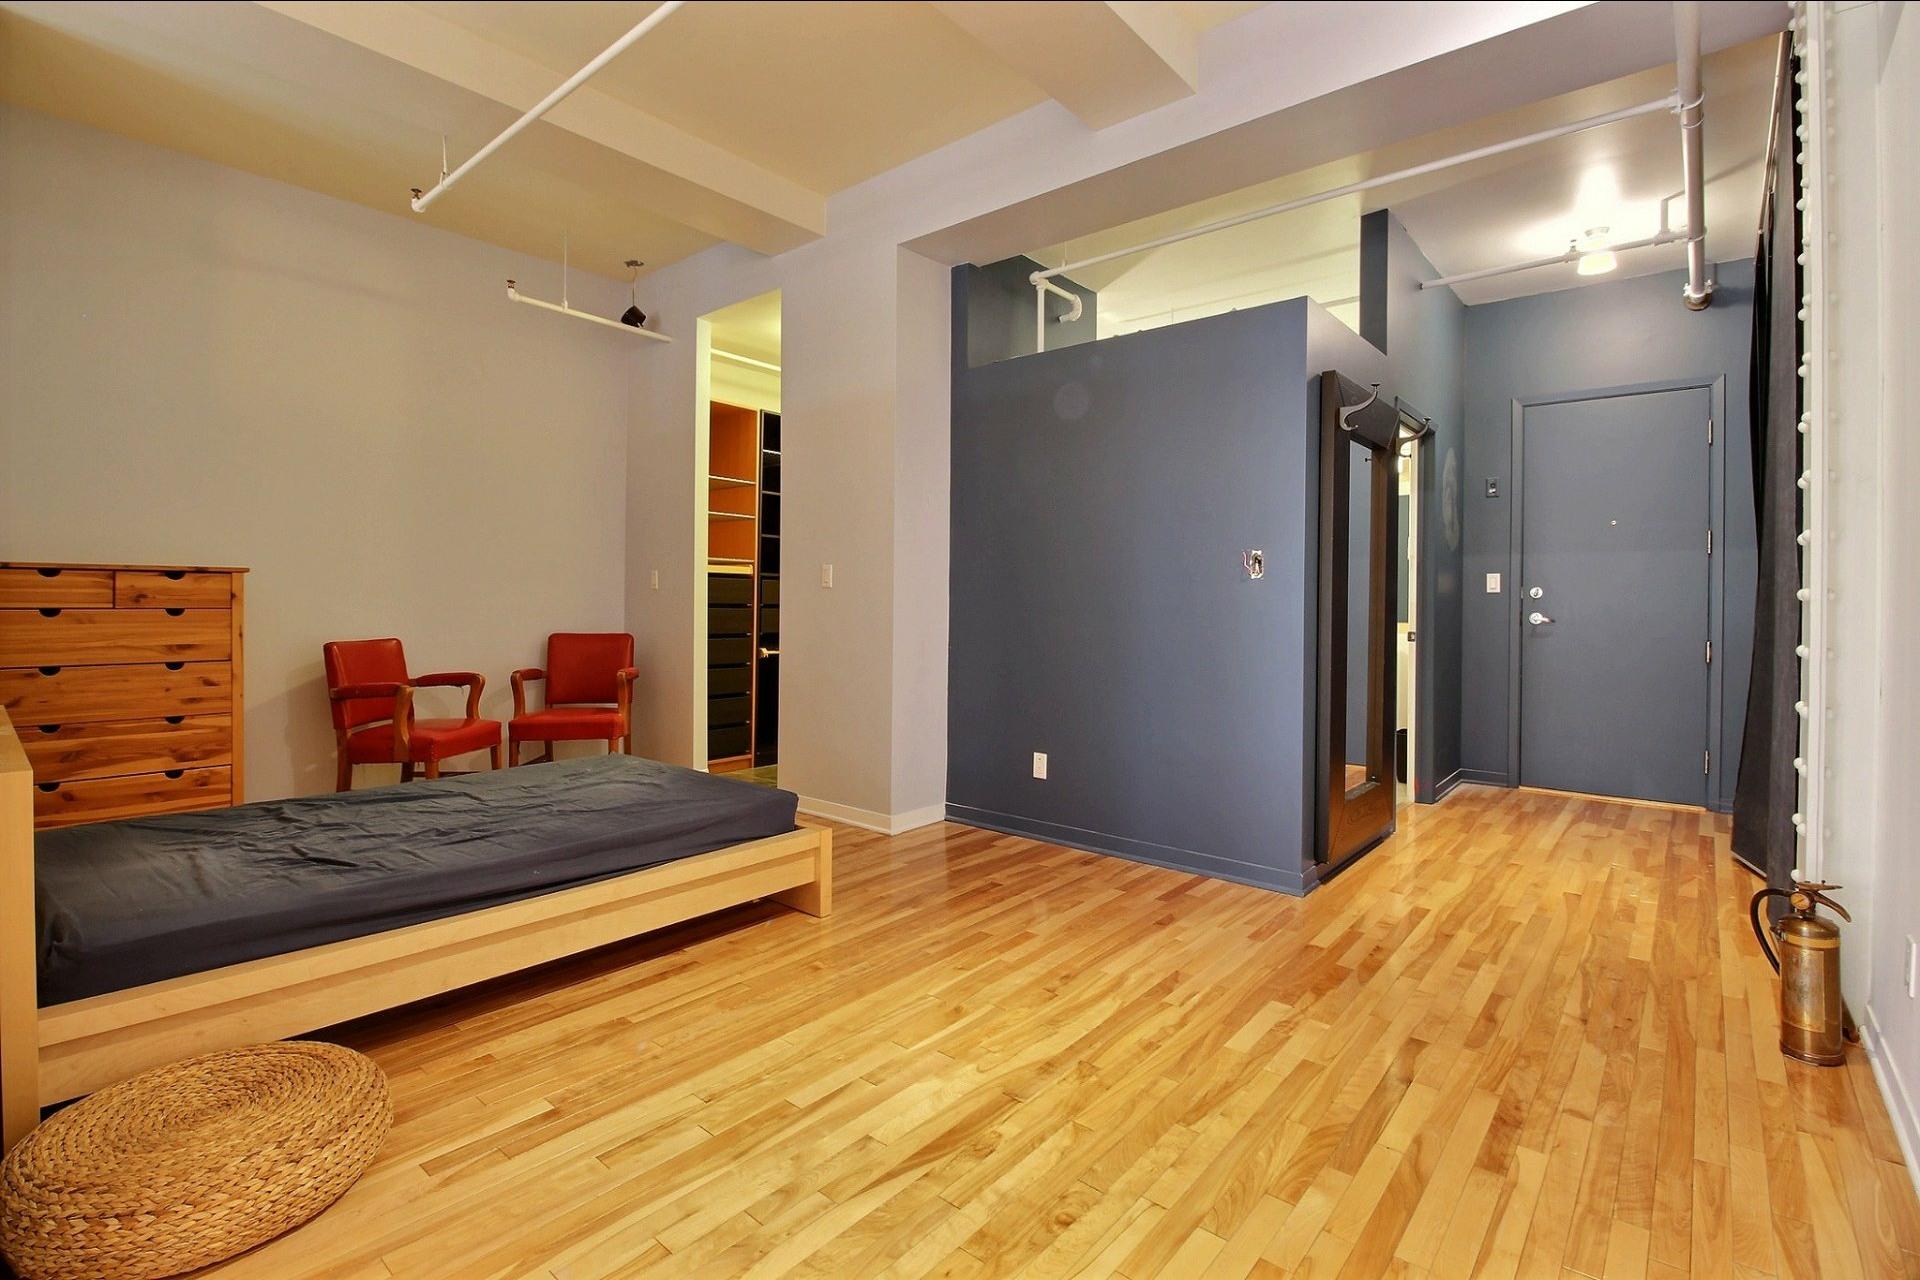 image 10 - Appartement À louer Ville-Marie Montréal  - 4 pièces